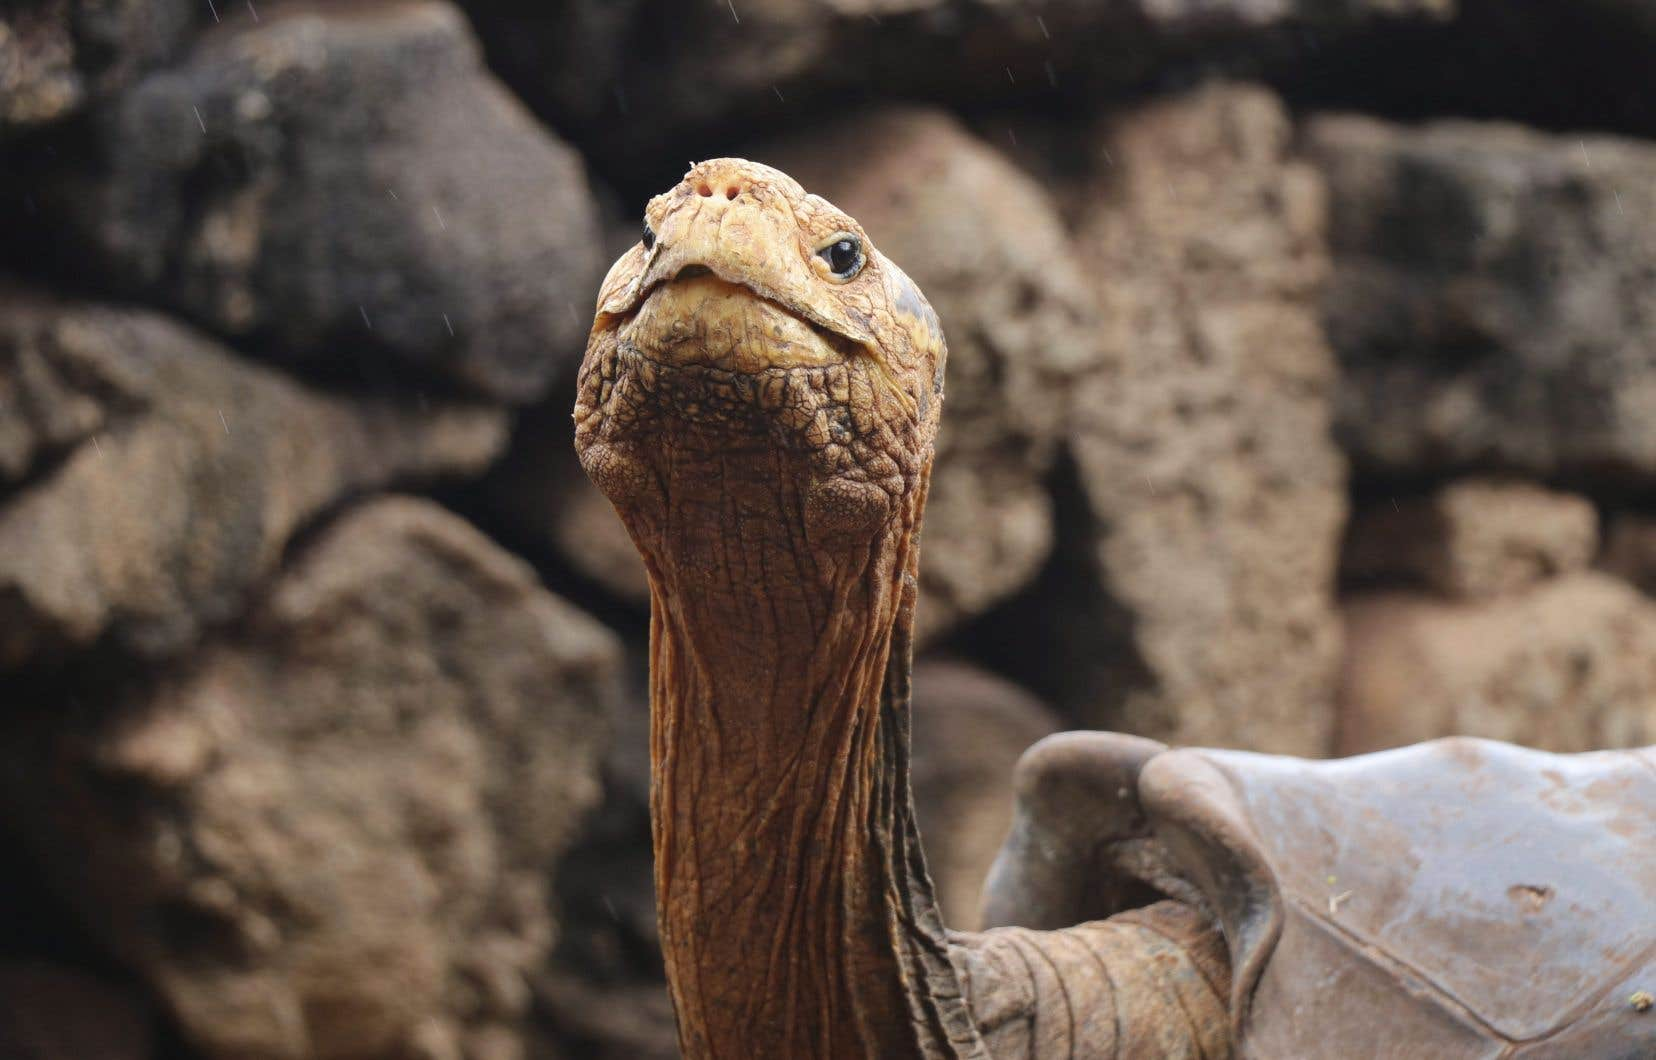 Sexuellement très actif, Diego a réussi à sauver son espèce du danger d'extinction en engendrant à lui tout seul au moins 40% des bébés tortue qui ont grandi depuis sur l'île Española.